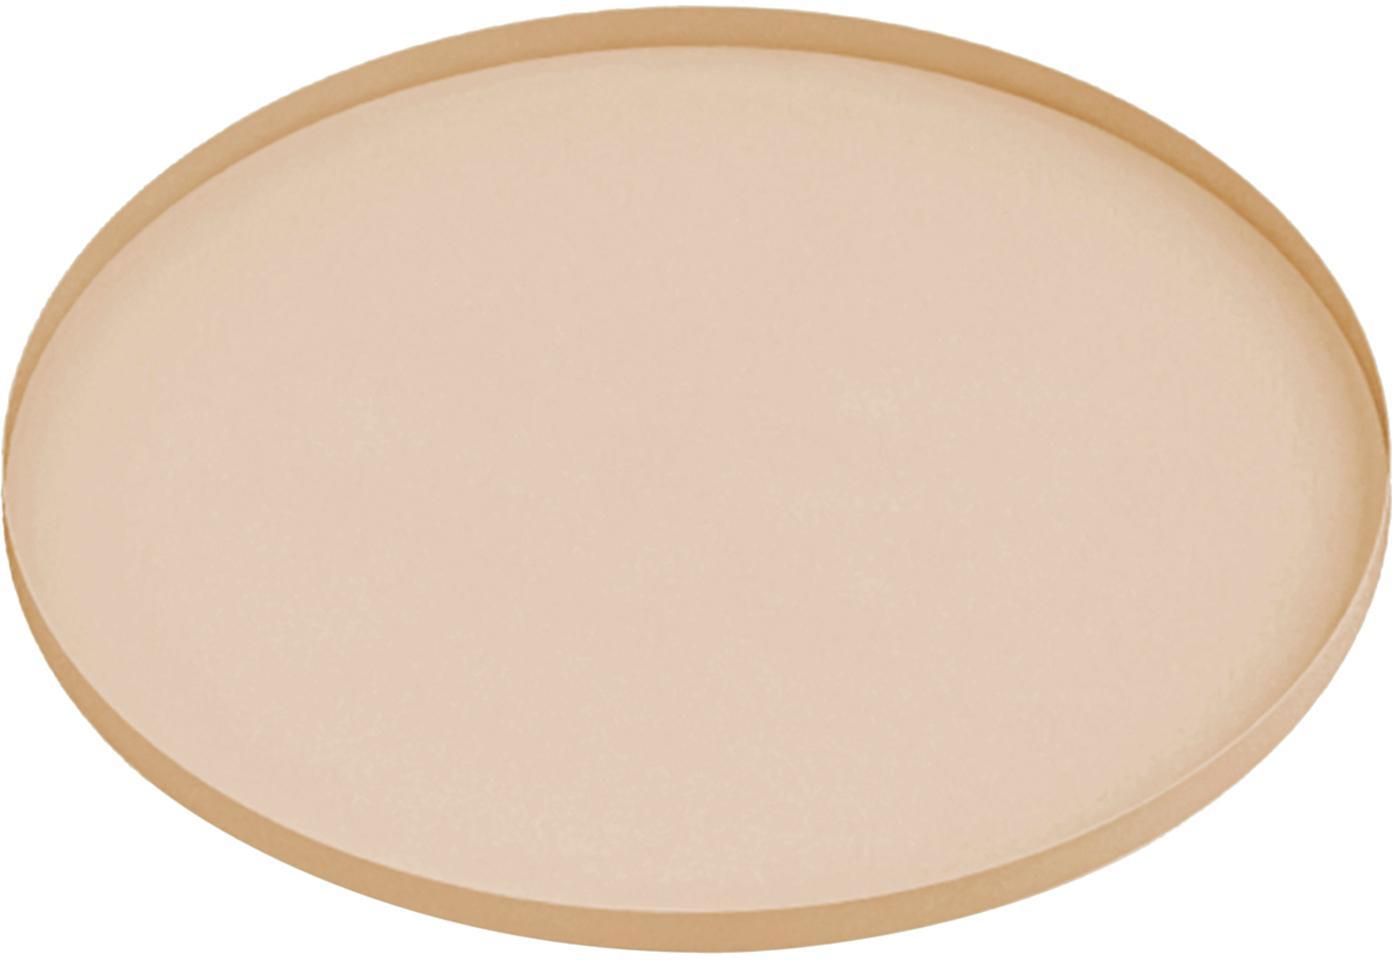 Tablett Arla, Metall, beschichtet, Beige, Ø 41 cm